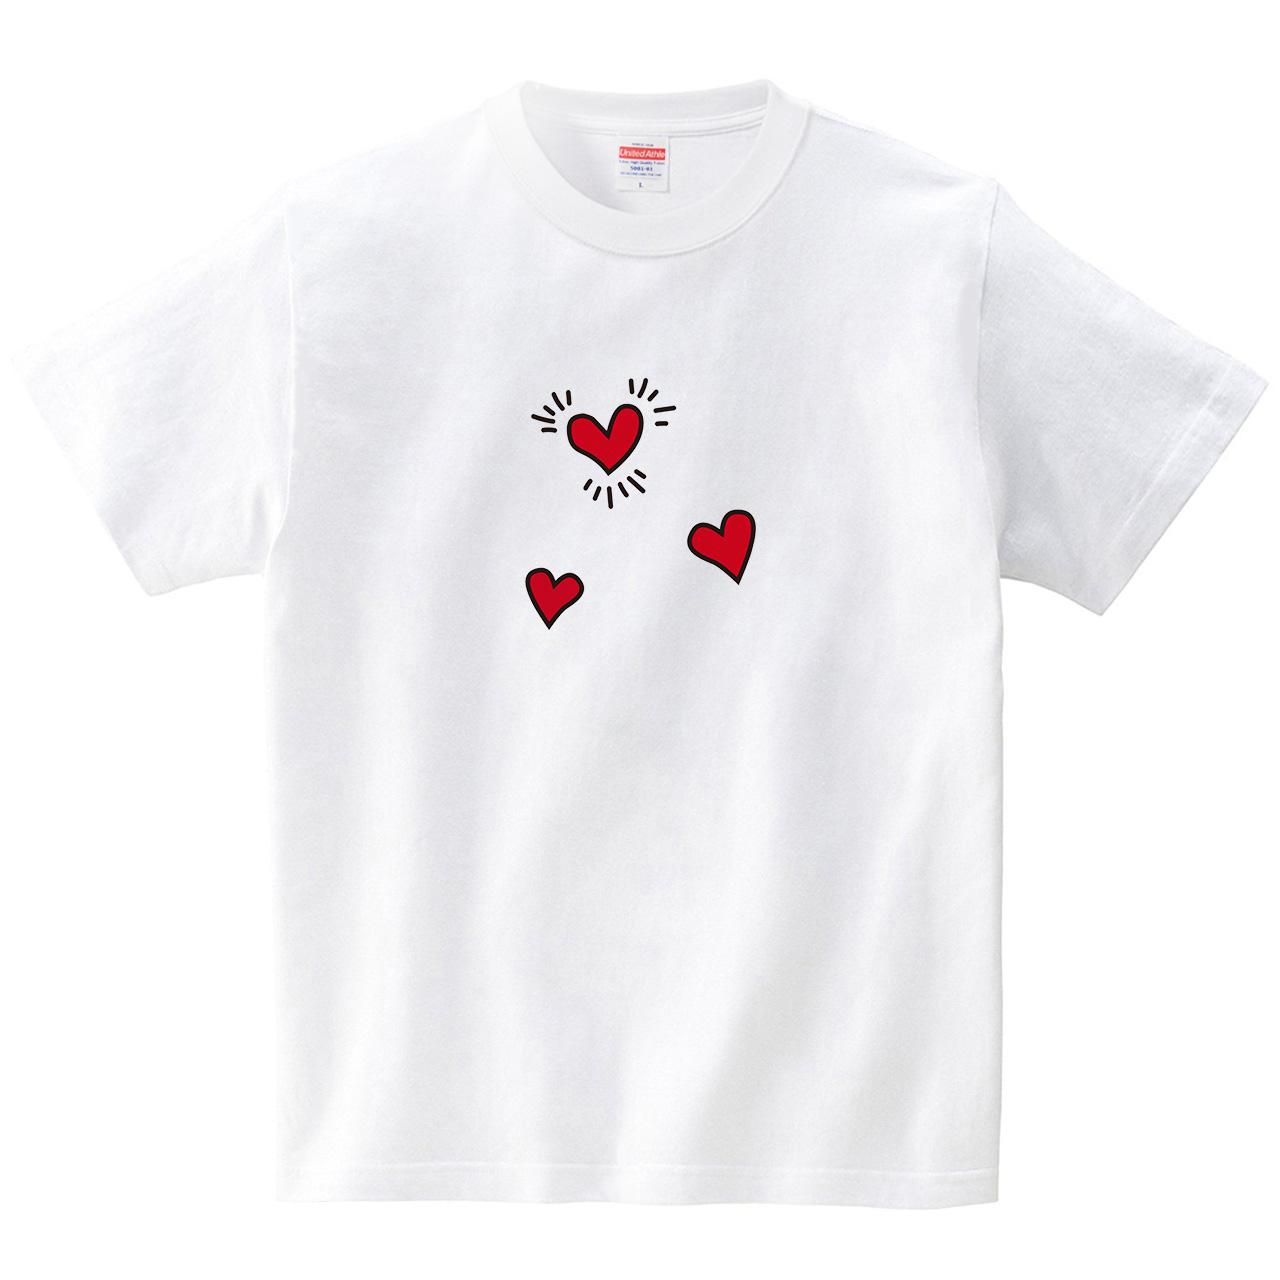 LOVEなハートさん(Tシャツ・ホワイト)(CHATON_CATON_T)